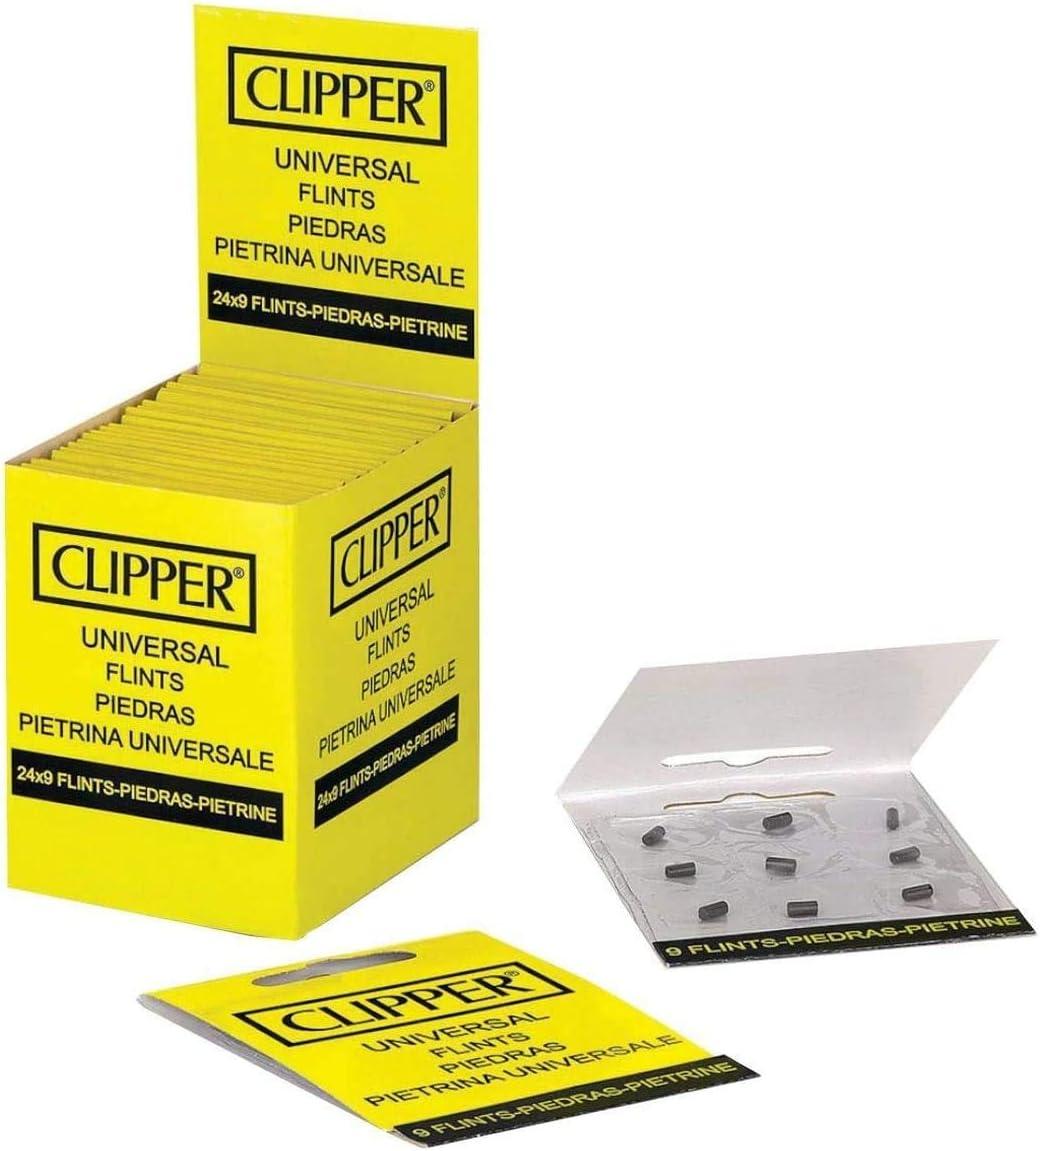 Clipper grandes clásicos piedras (, 24 paquetes de 9 piedras)